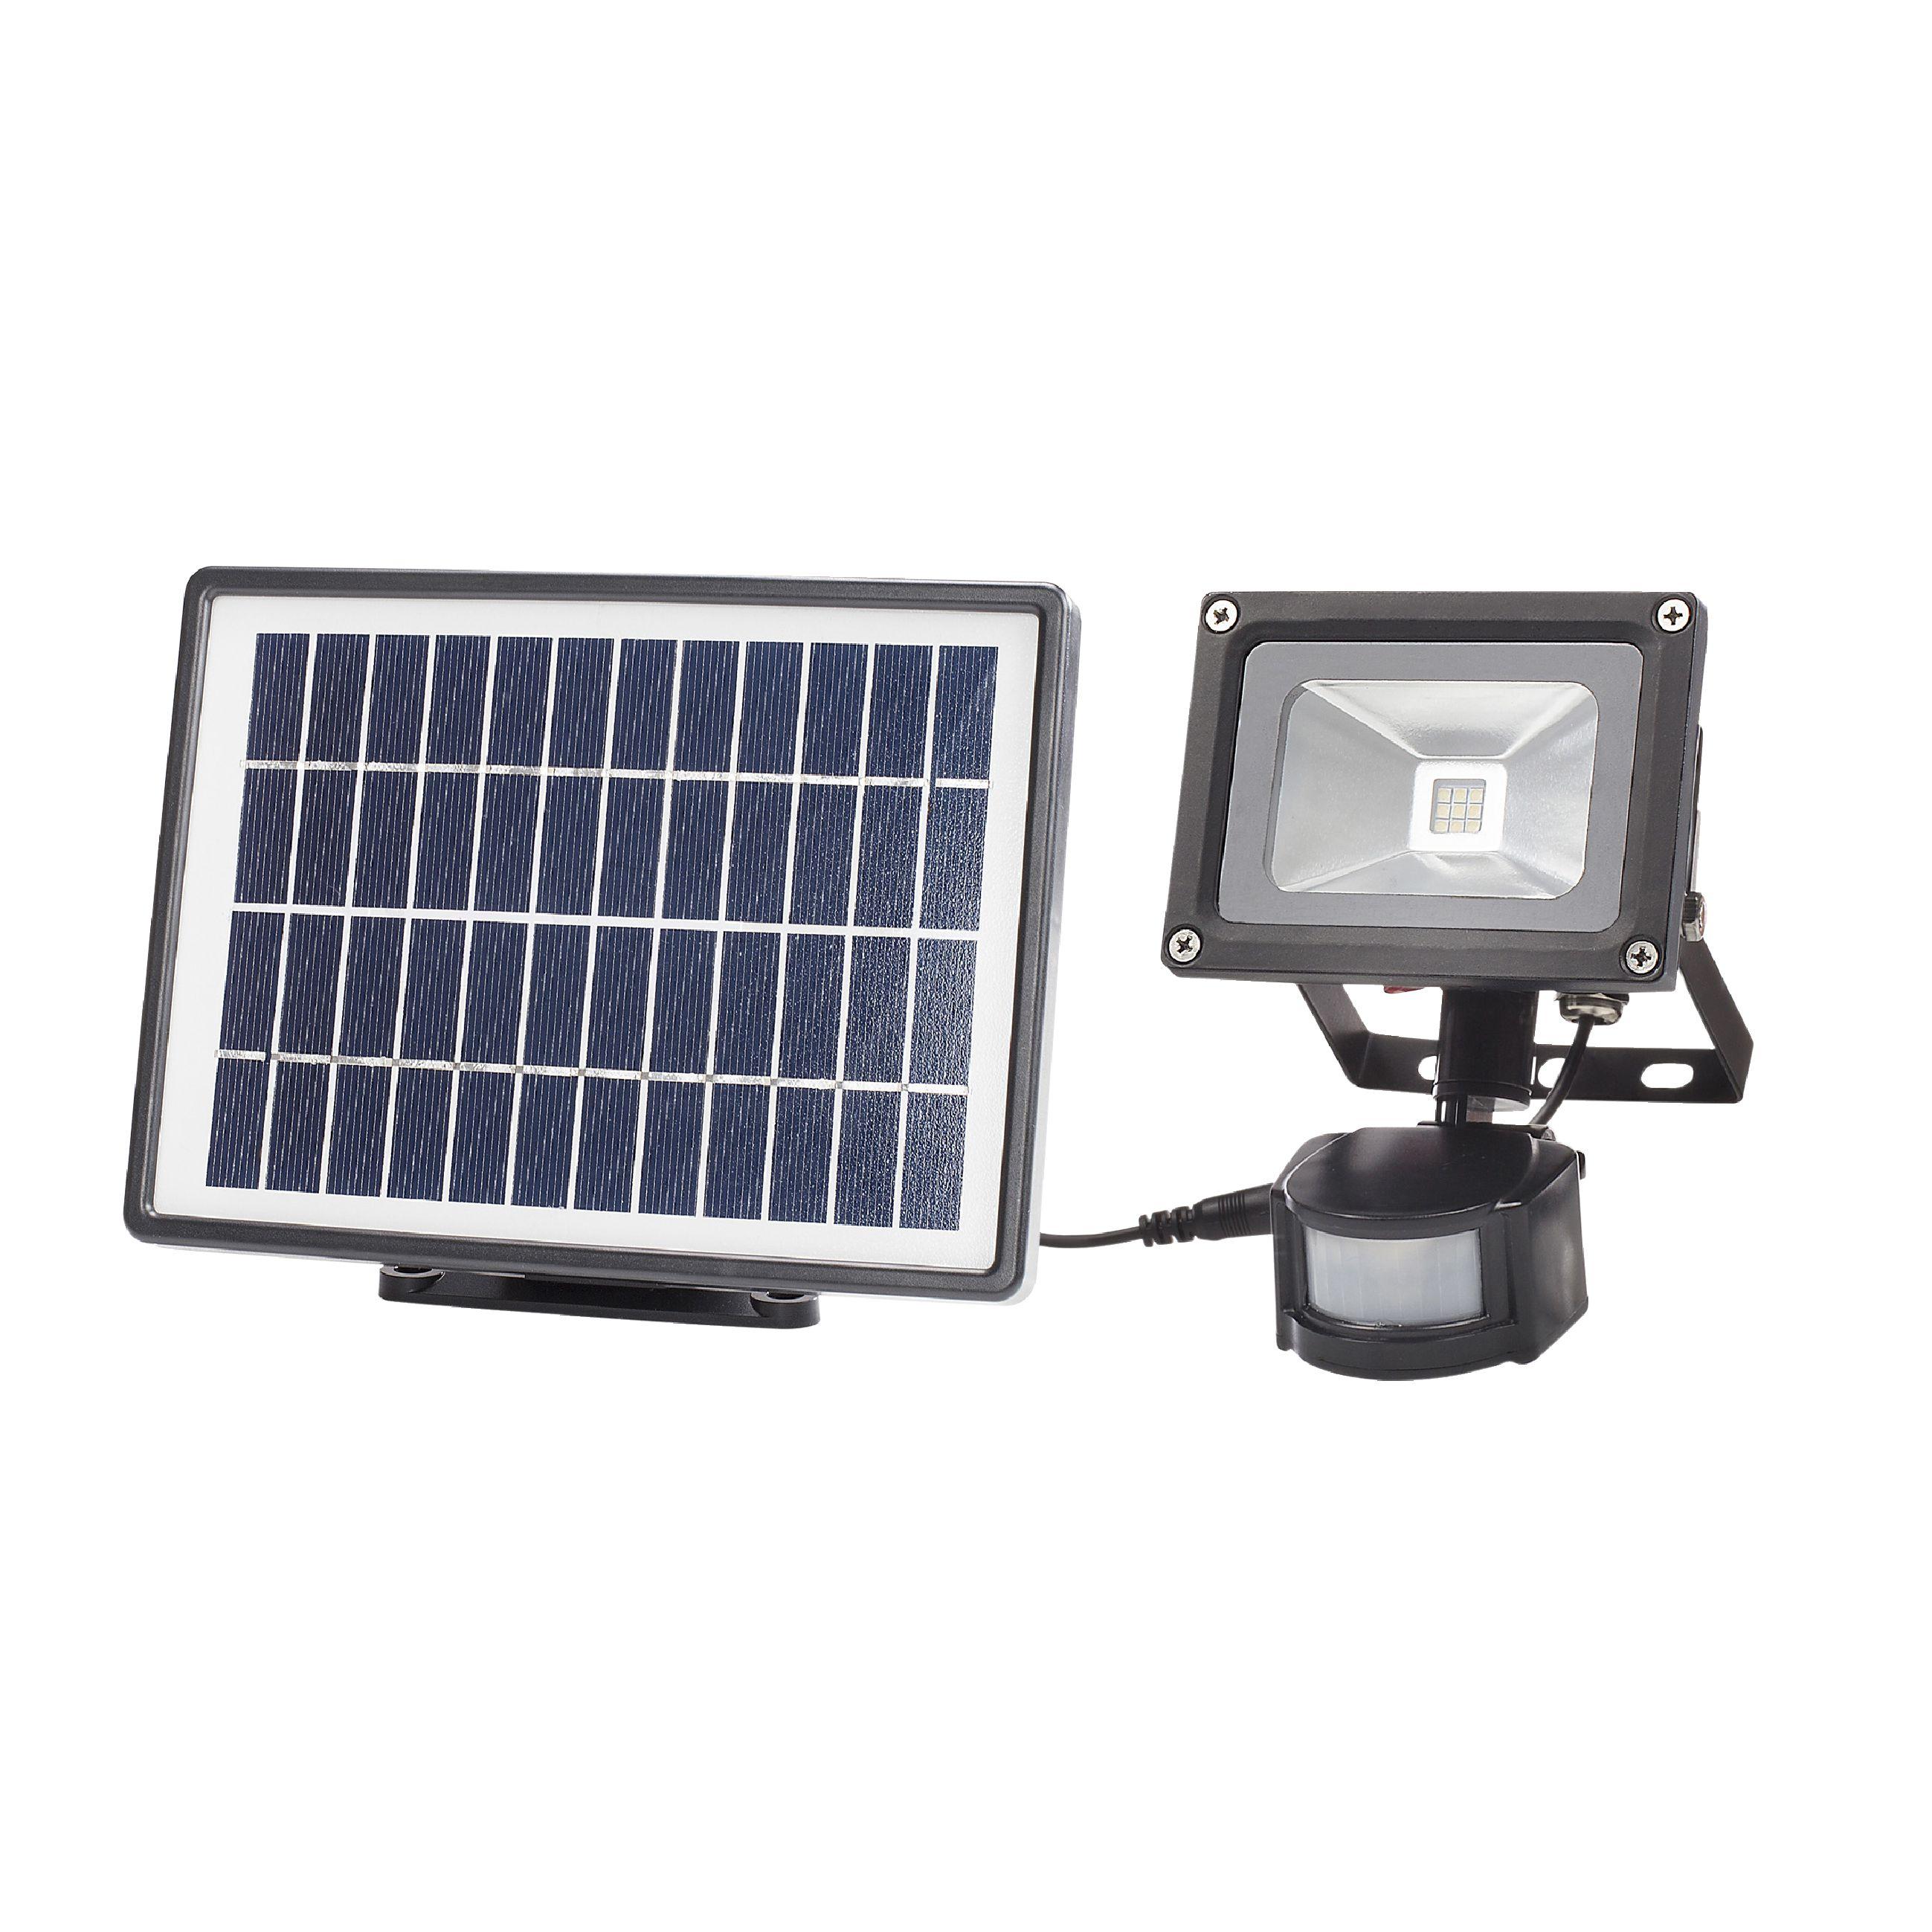 Nástěnné LED svítidlo se solárním panelem, Ranex RA-1004814